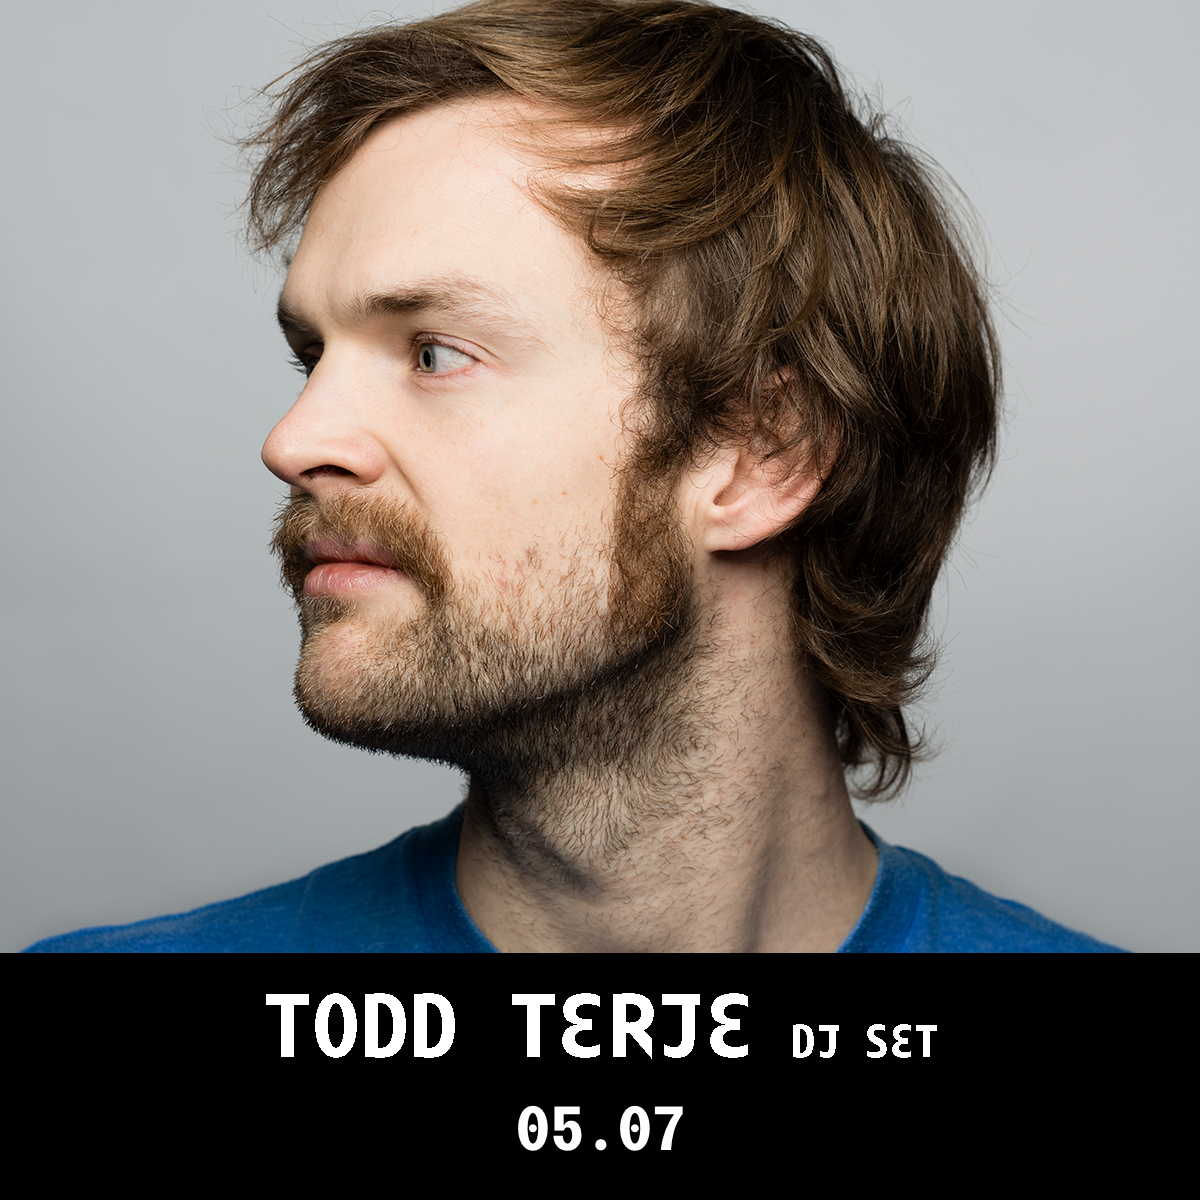 ToddTerje_Projecte_1x1_web_caixa.png